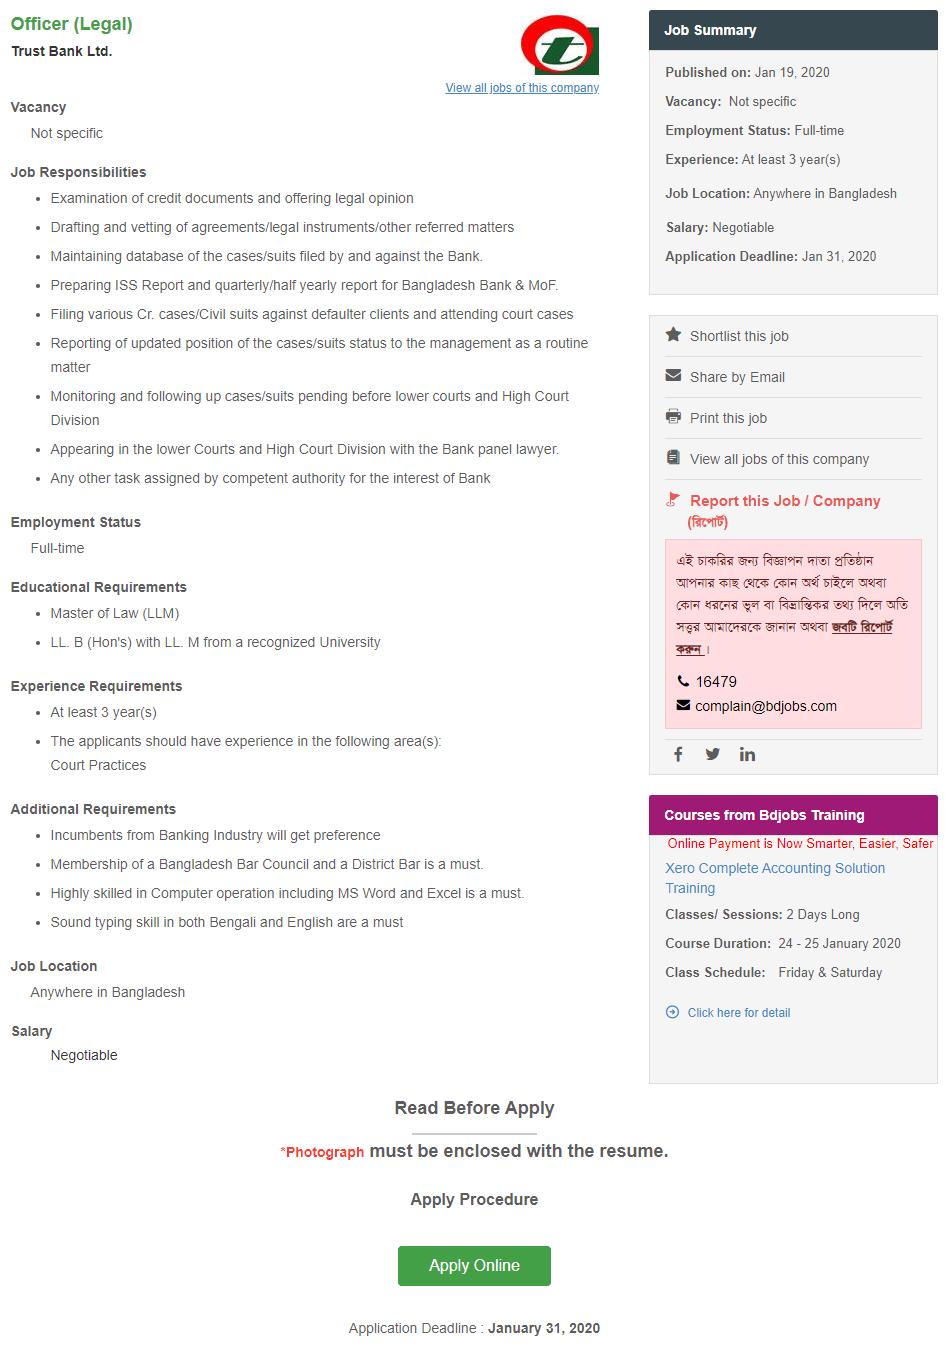 FireShot Capture 001 - Officer (Legal) _ Trust Bank Ltd. -- Bdjobs.com - jobs.bdjobs.com